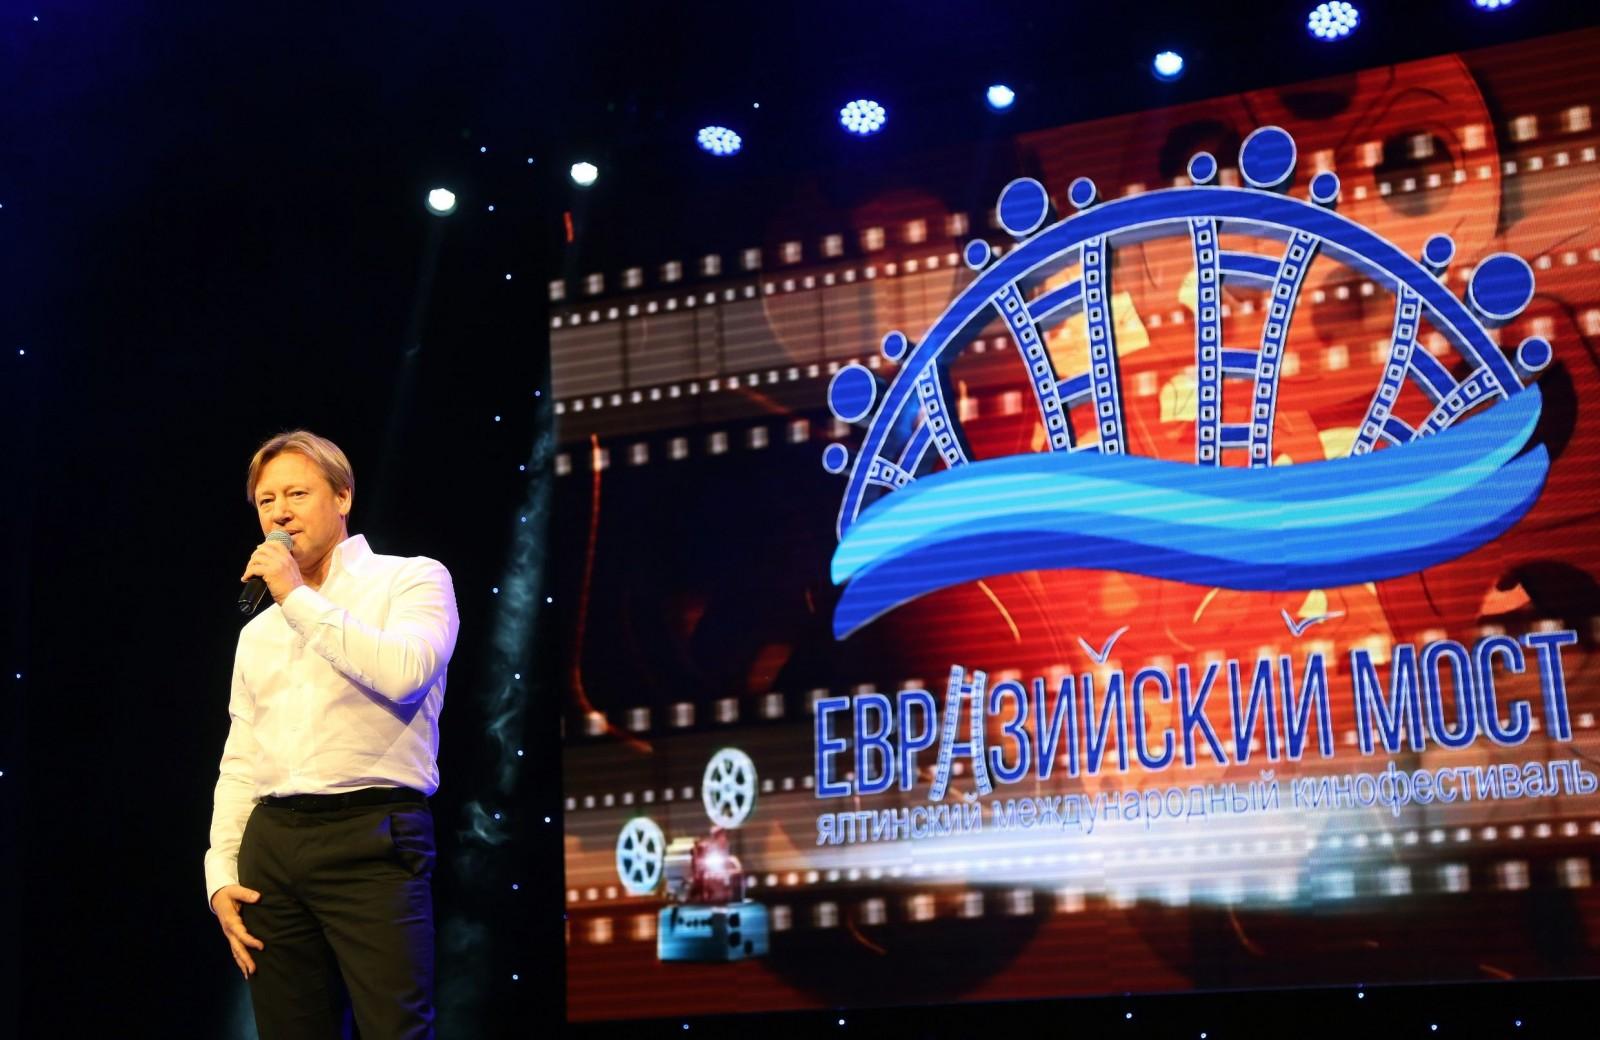 культурные мероприятия в крыму в сентябре